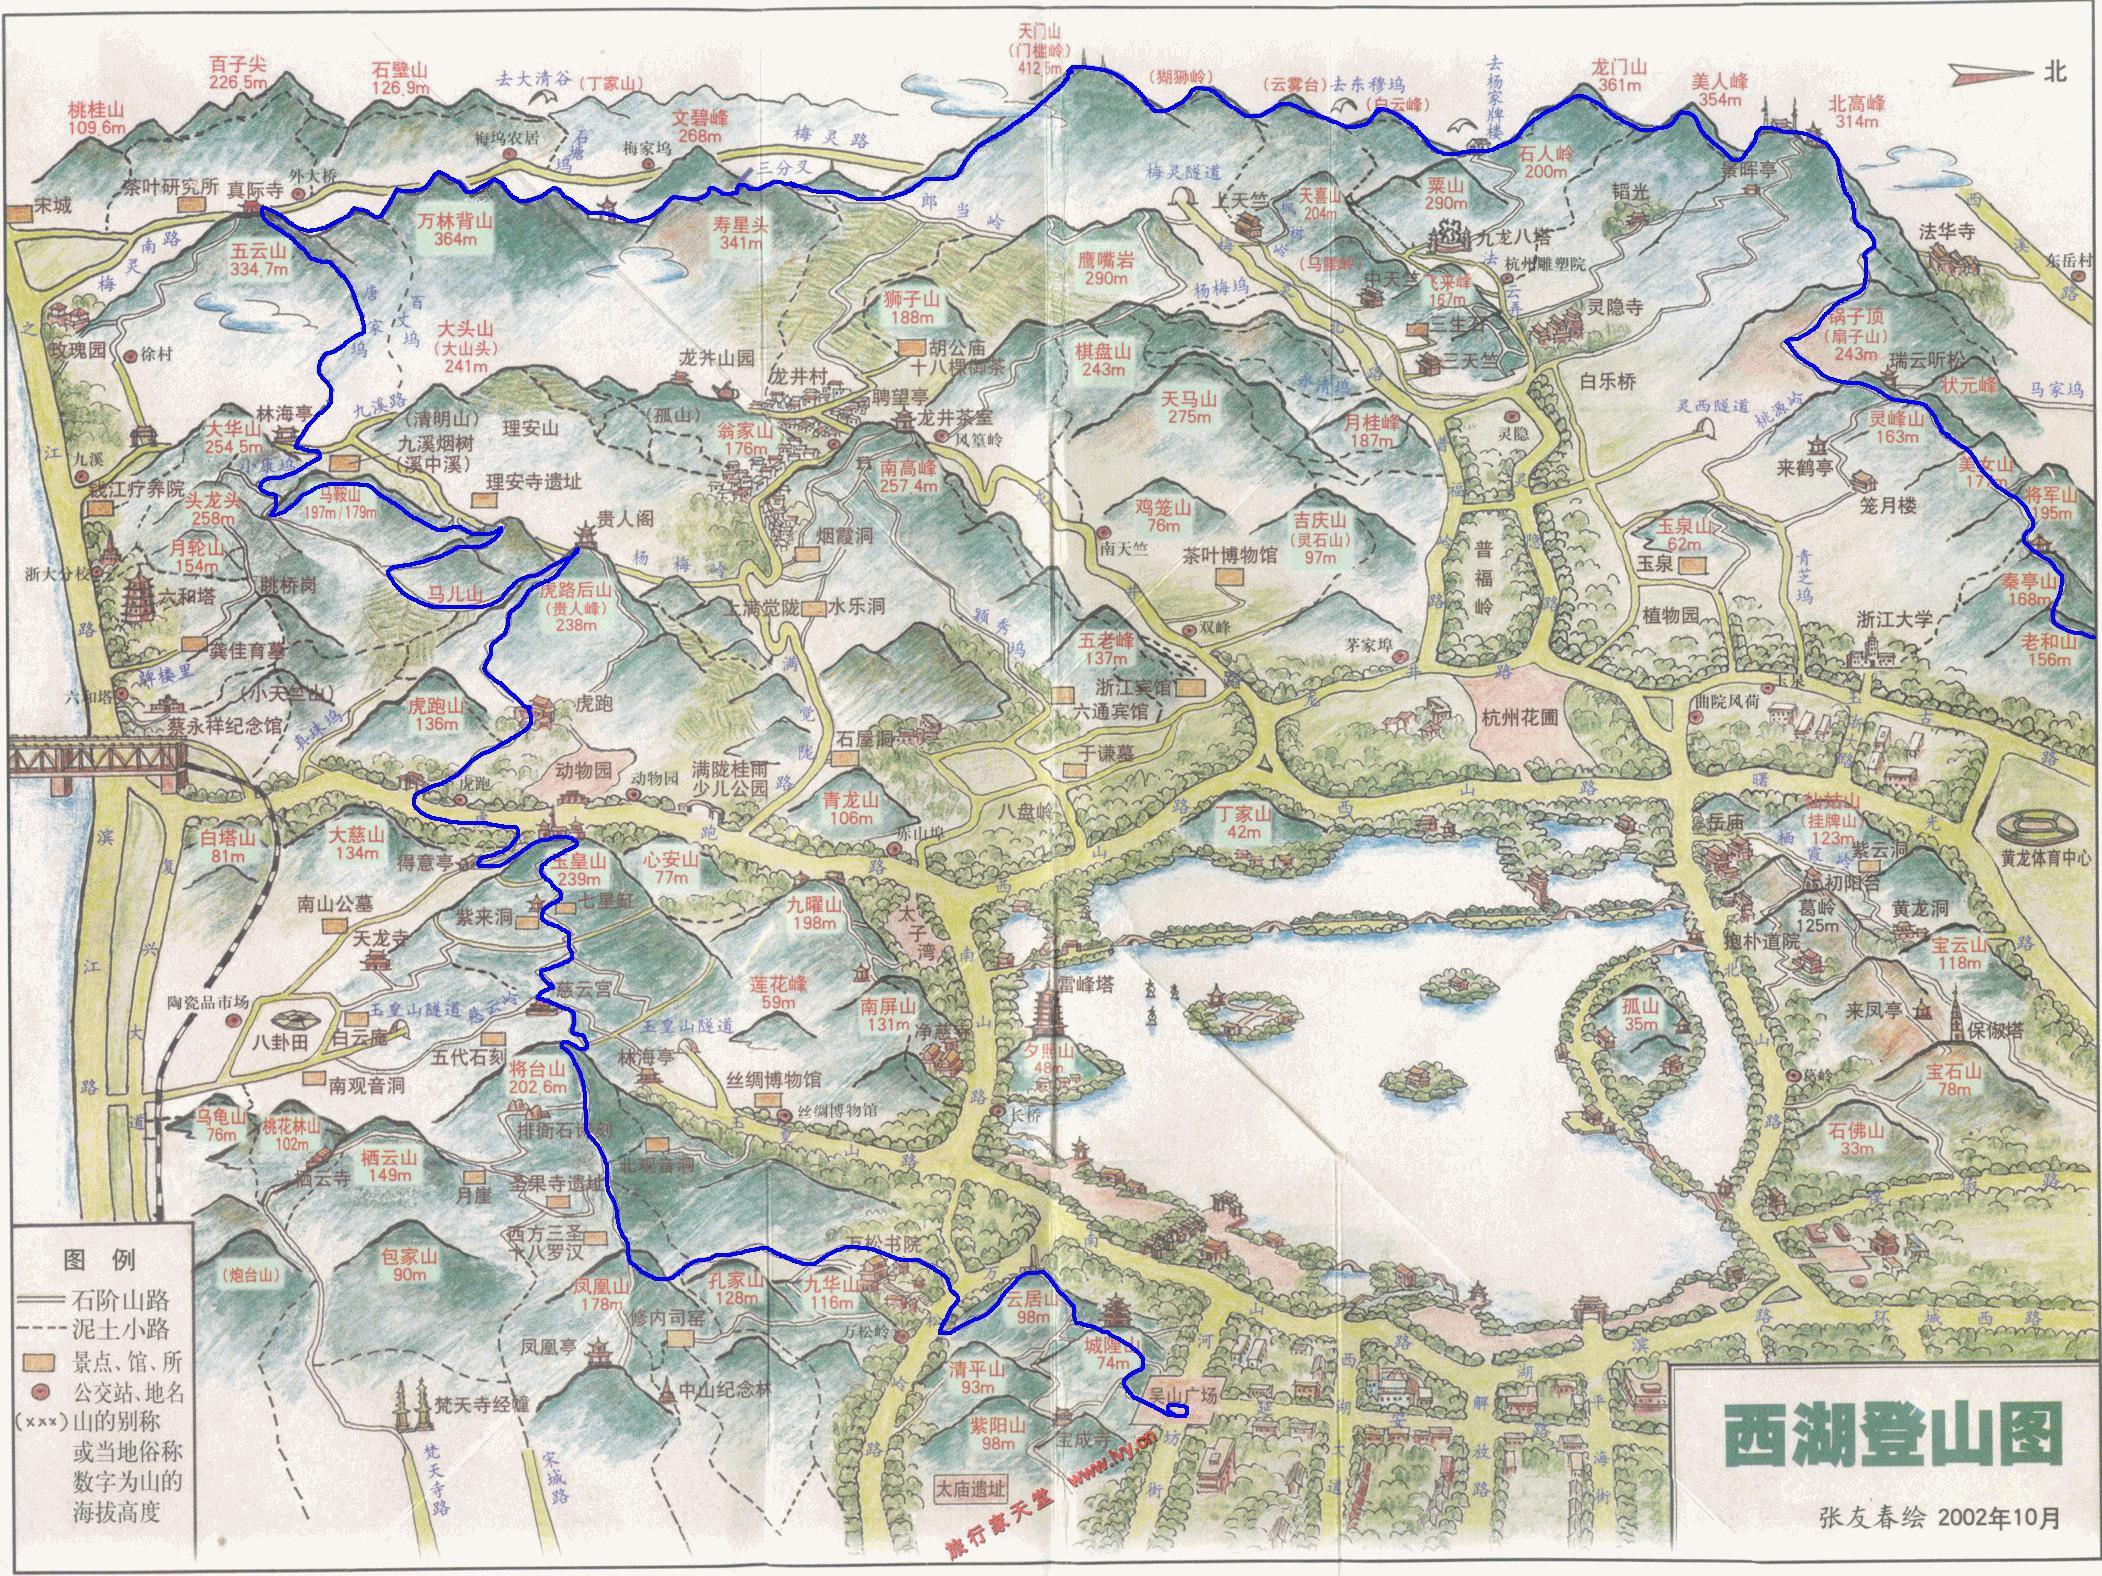 西湖简单手绘抽象地图